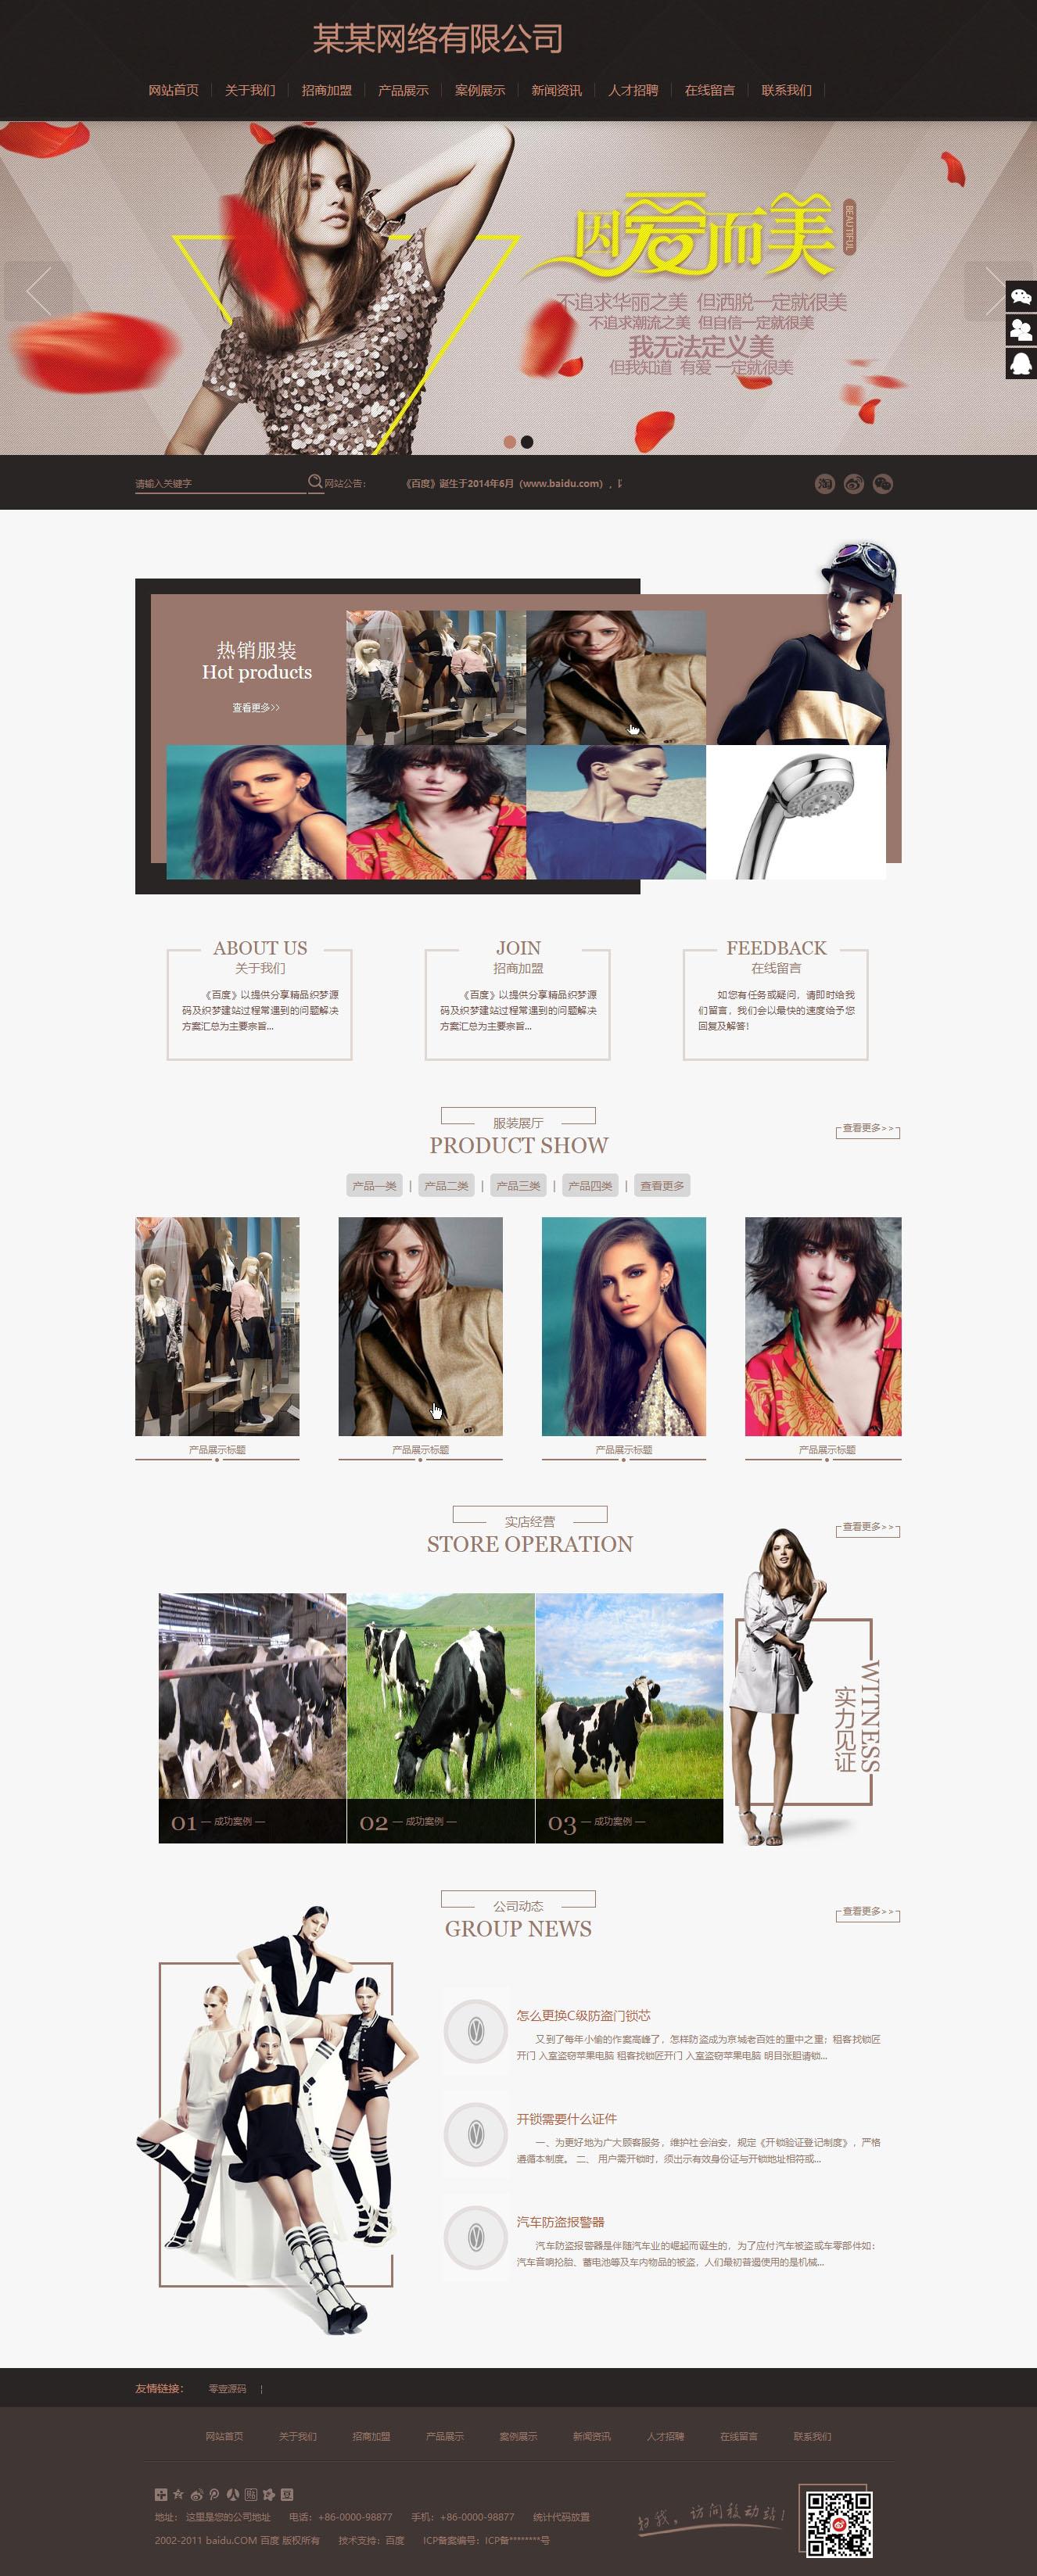 服装展示设计类网站织梦dedecms模板(带手机端)